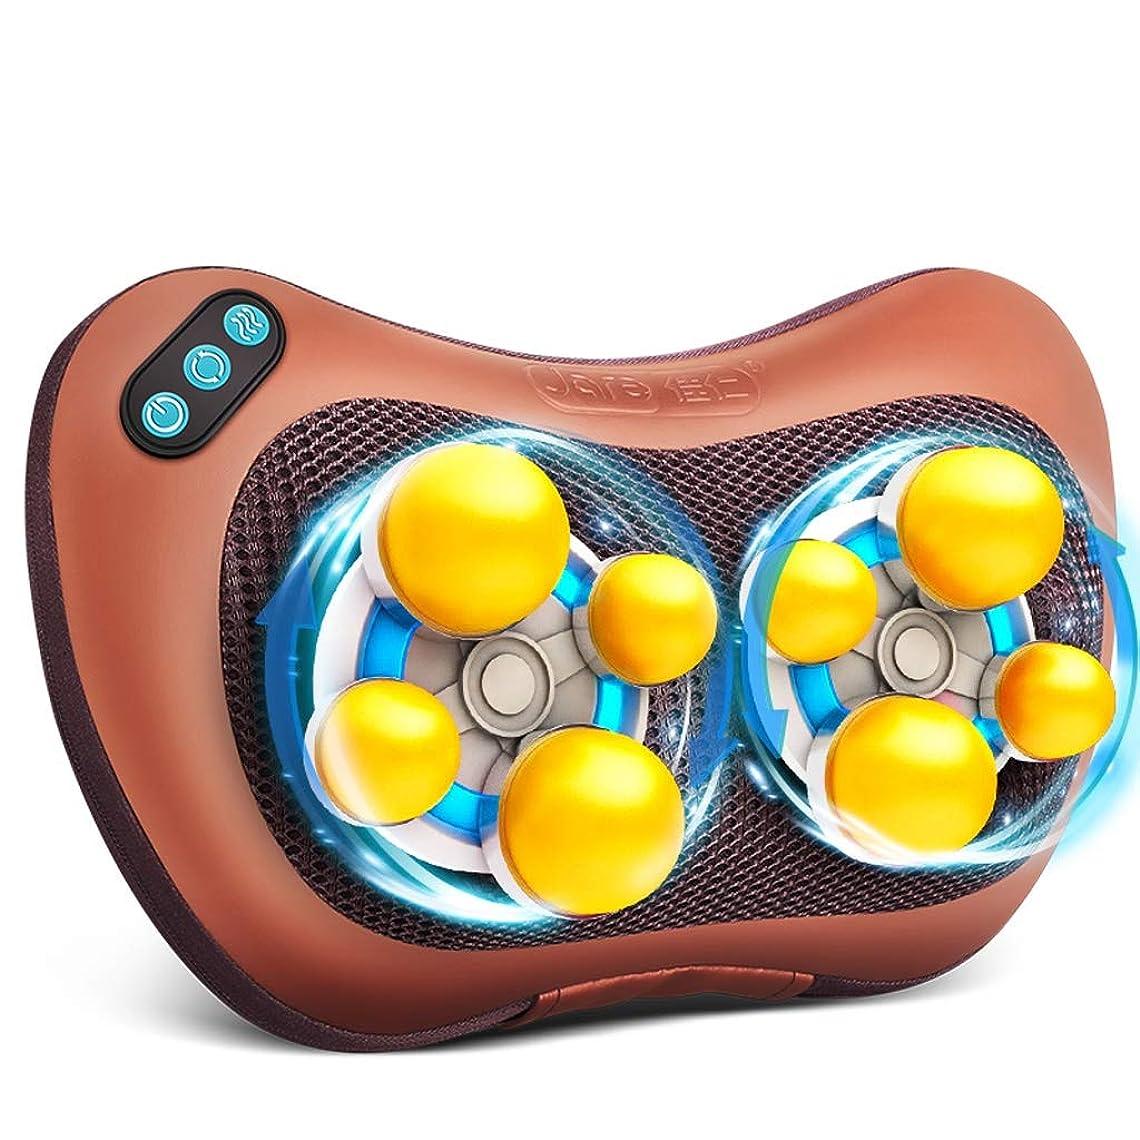 Lxn ネックマッサージャー多機能全身電熱マッサージ枕、自宅オフィス、車の使用